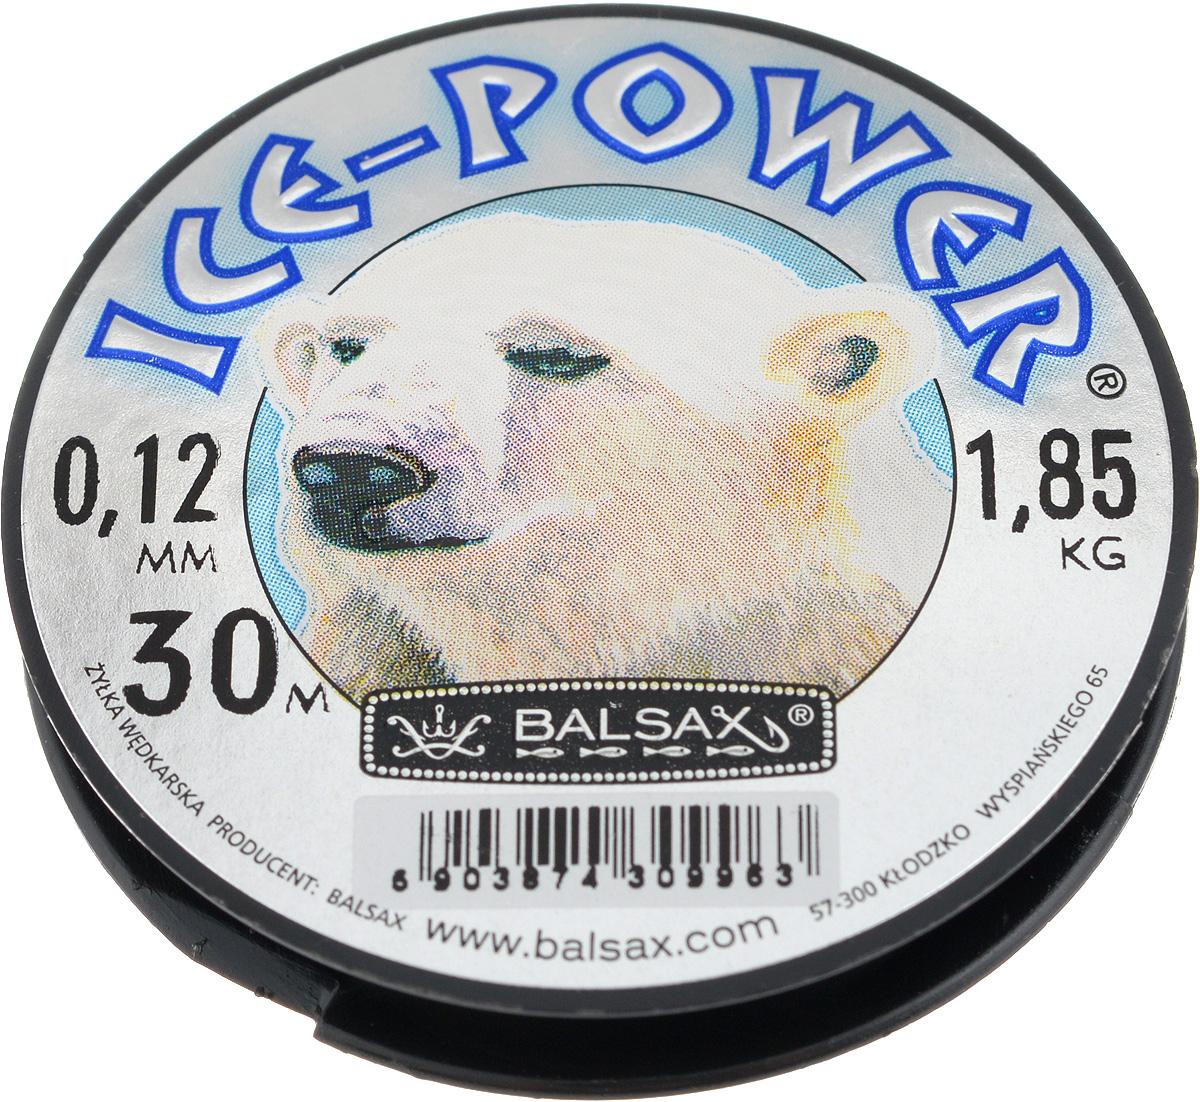 Леска зимняя Balsax Ice Power, 30 м, 0,12 мм, 1,85 кг310-05012Леска Balsax Ice Power изготовлена из 100% нейлона и очень хорошовыдерживаетнизкие температуры. Даже в самом холодном климате, при температуре вплотьдо -40°C, она сохраняет свои свойствапрактически без изменений, в то время как традиционные лески становятся менееэластичными и теряют прочность. Поверхность лески обработана таким образом, что она не обмерзает и отличноподходит для подледного лова. Прочна вместах вязки узлов даже при минимальном диаметре.